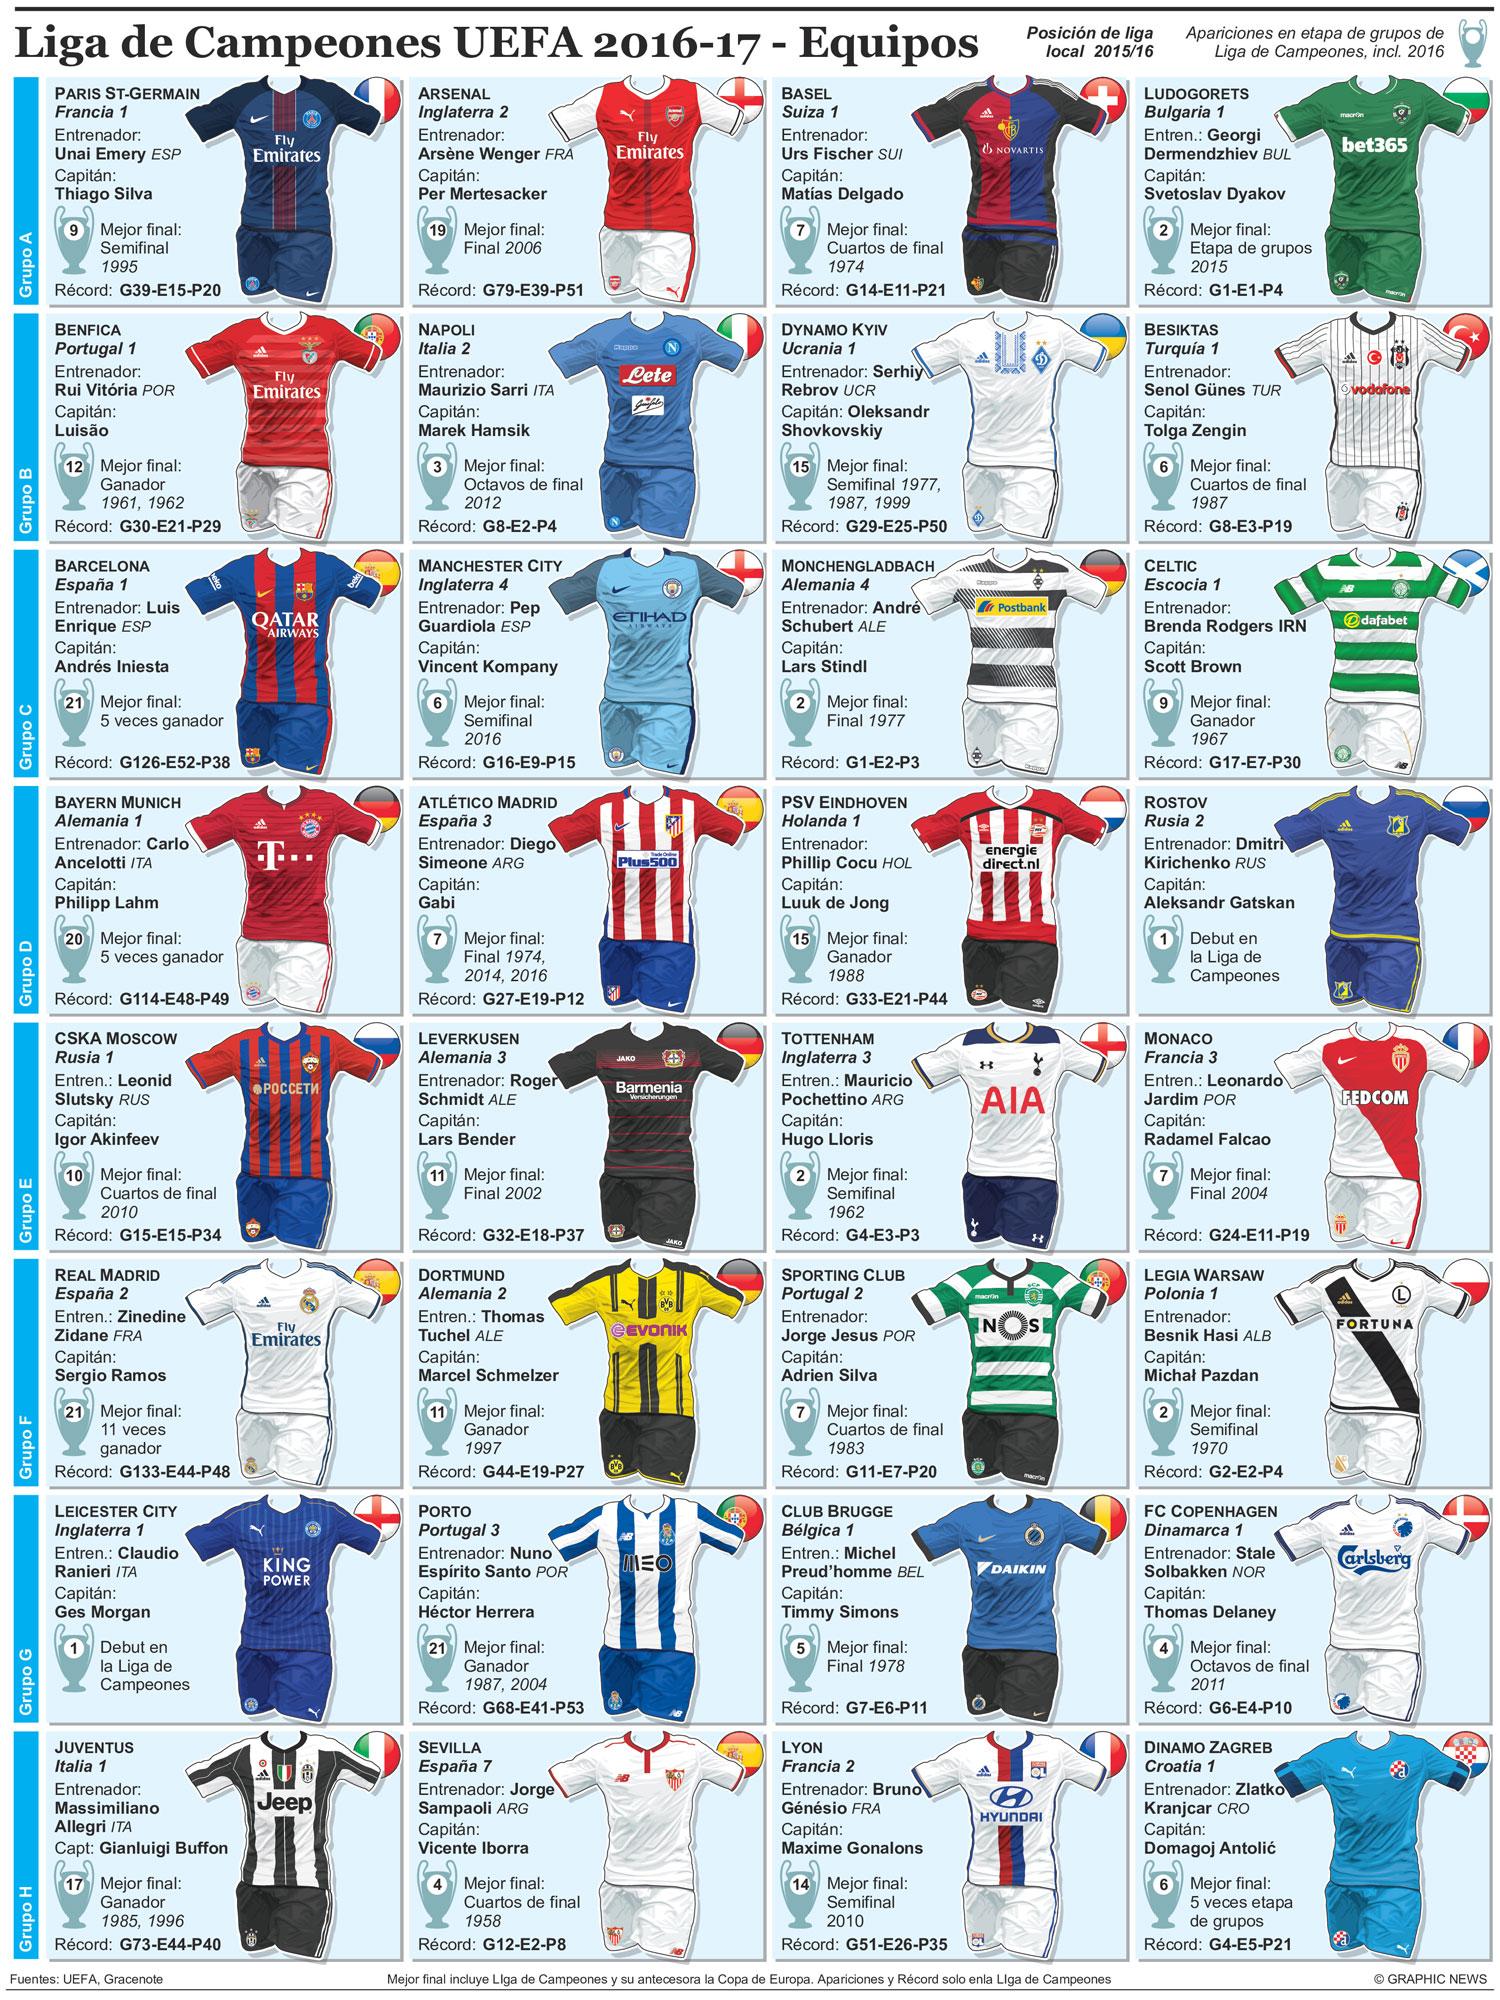 Los 20 equipos de la Liga de Campeones 2016/17